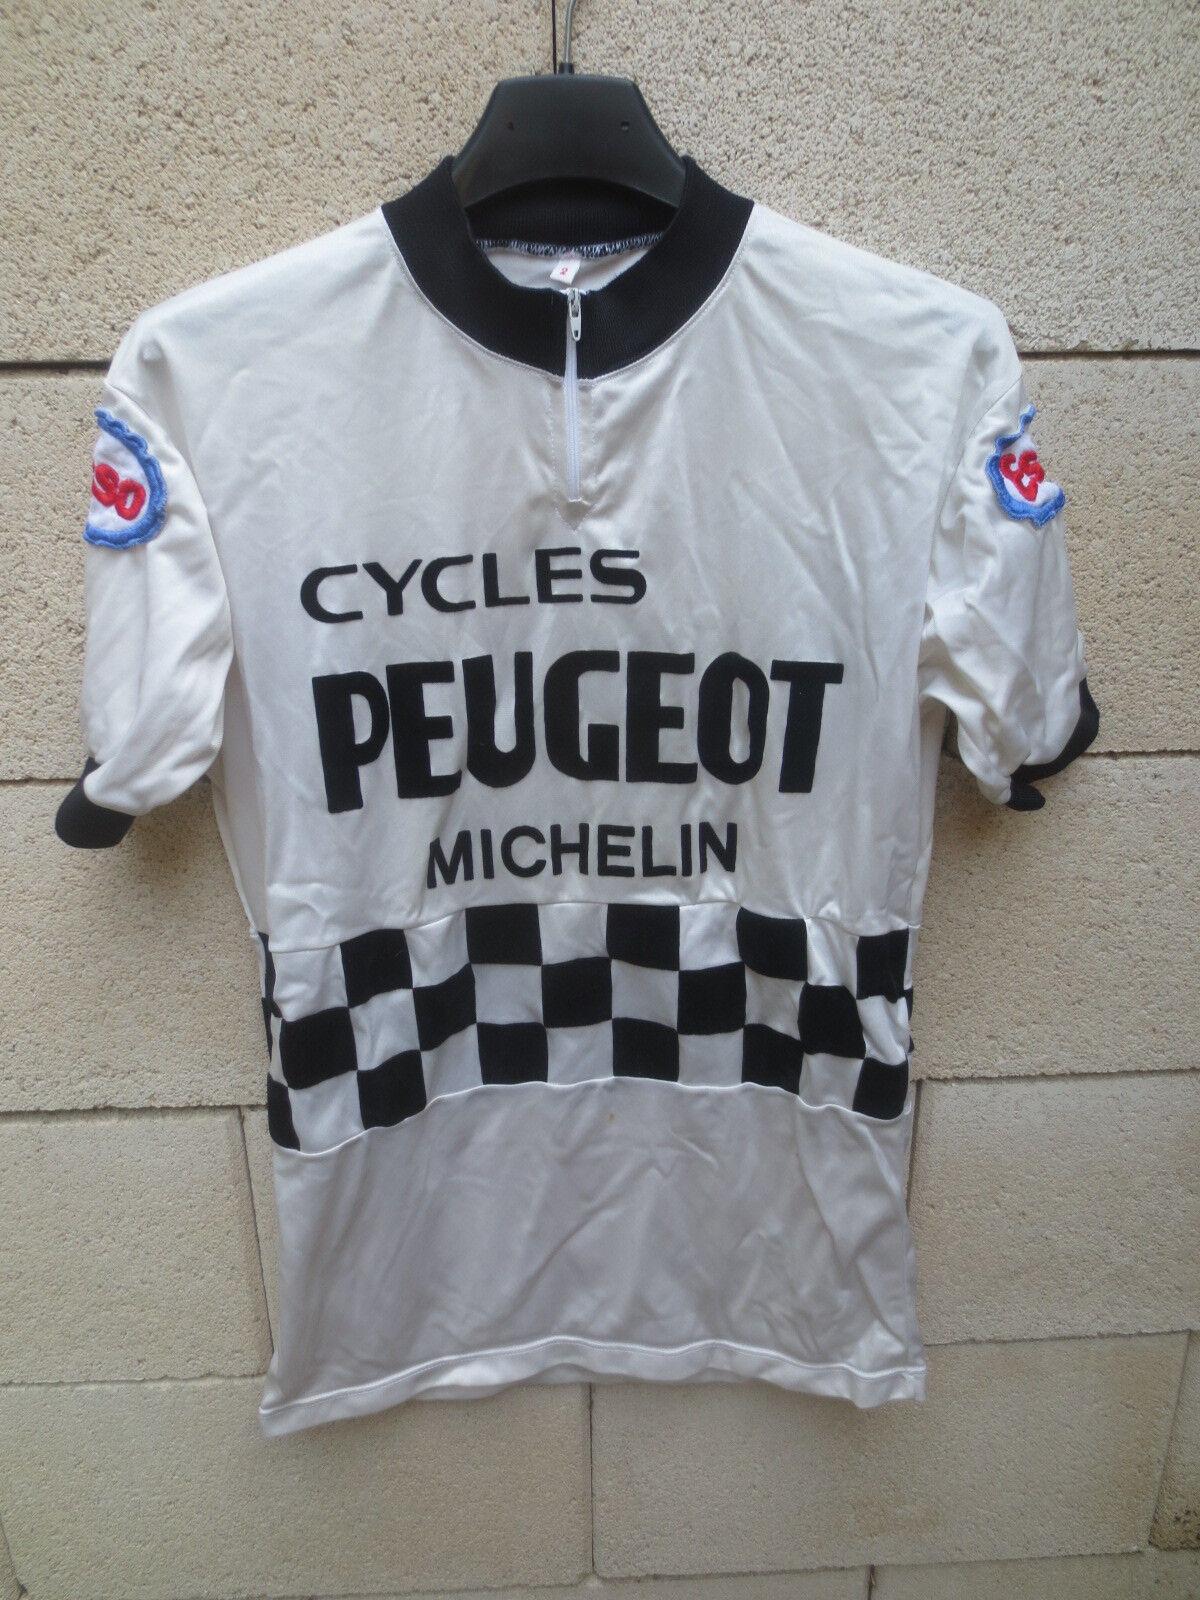 Maillot cycliste PEUGEOT MICHELIN ESSO Tour de France shirt trikot vintage 2